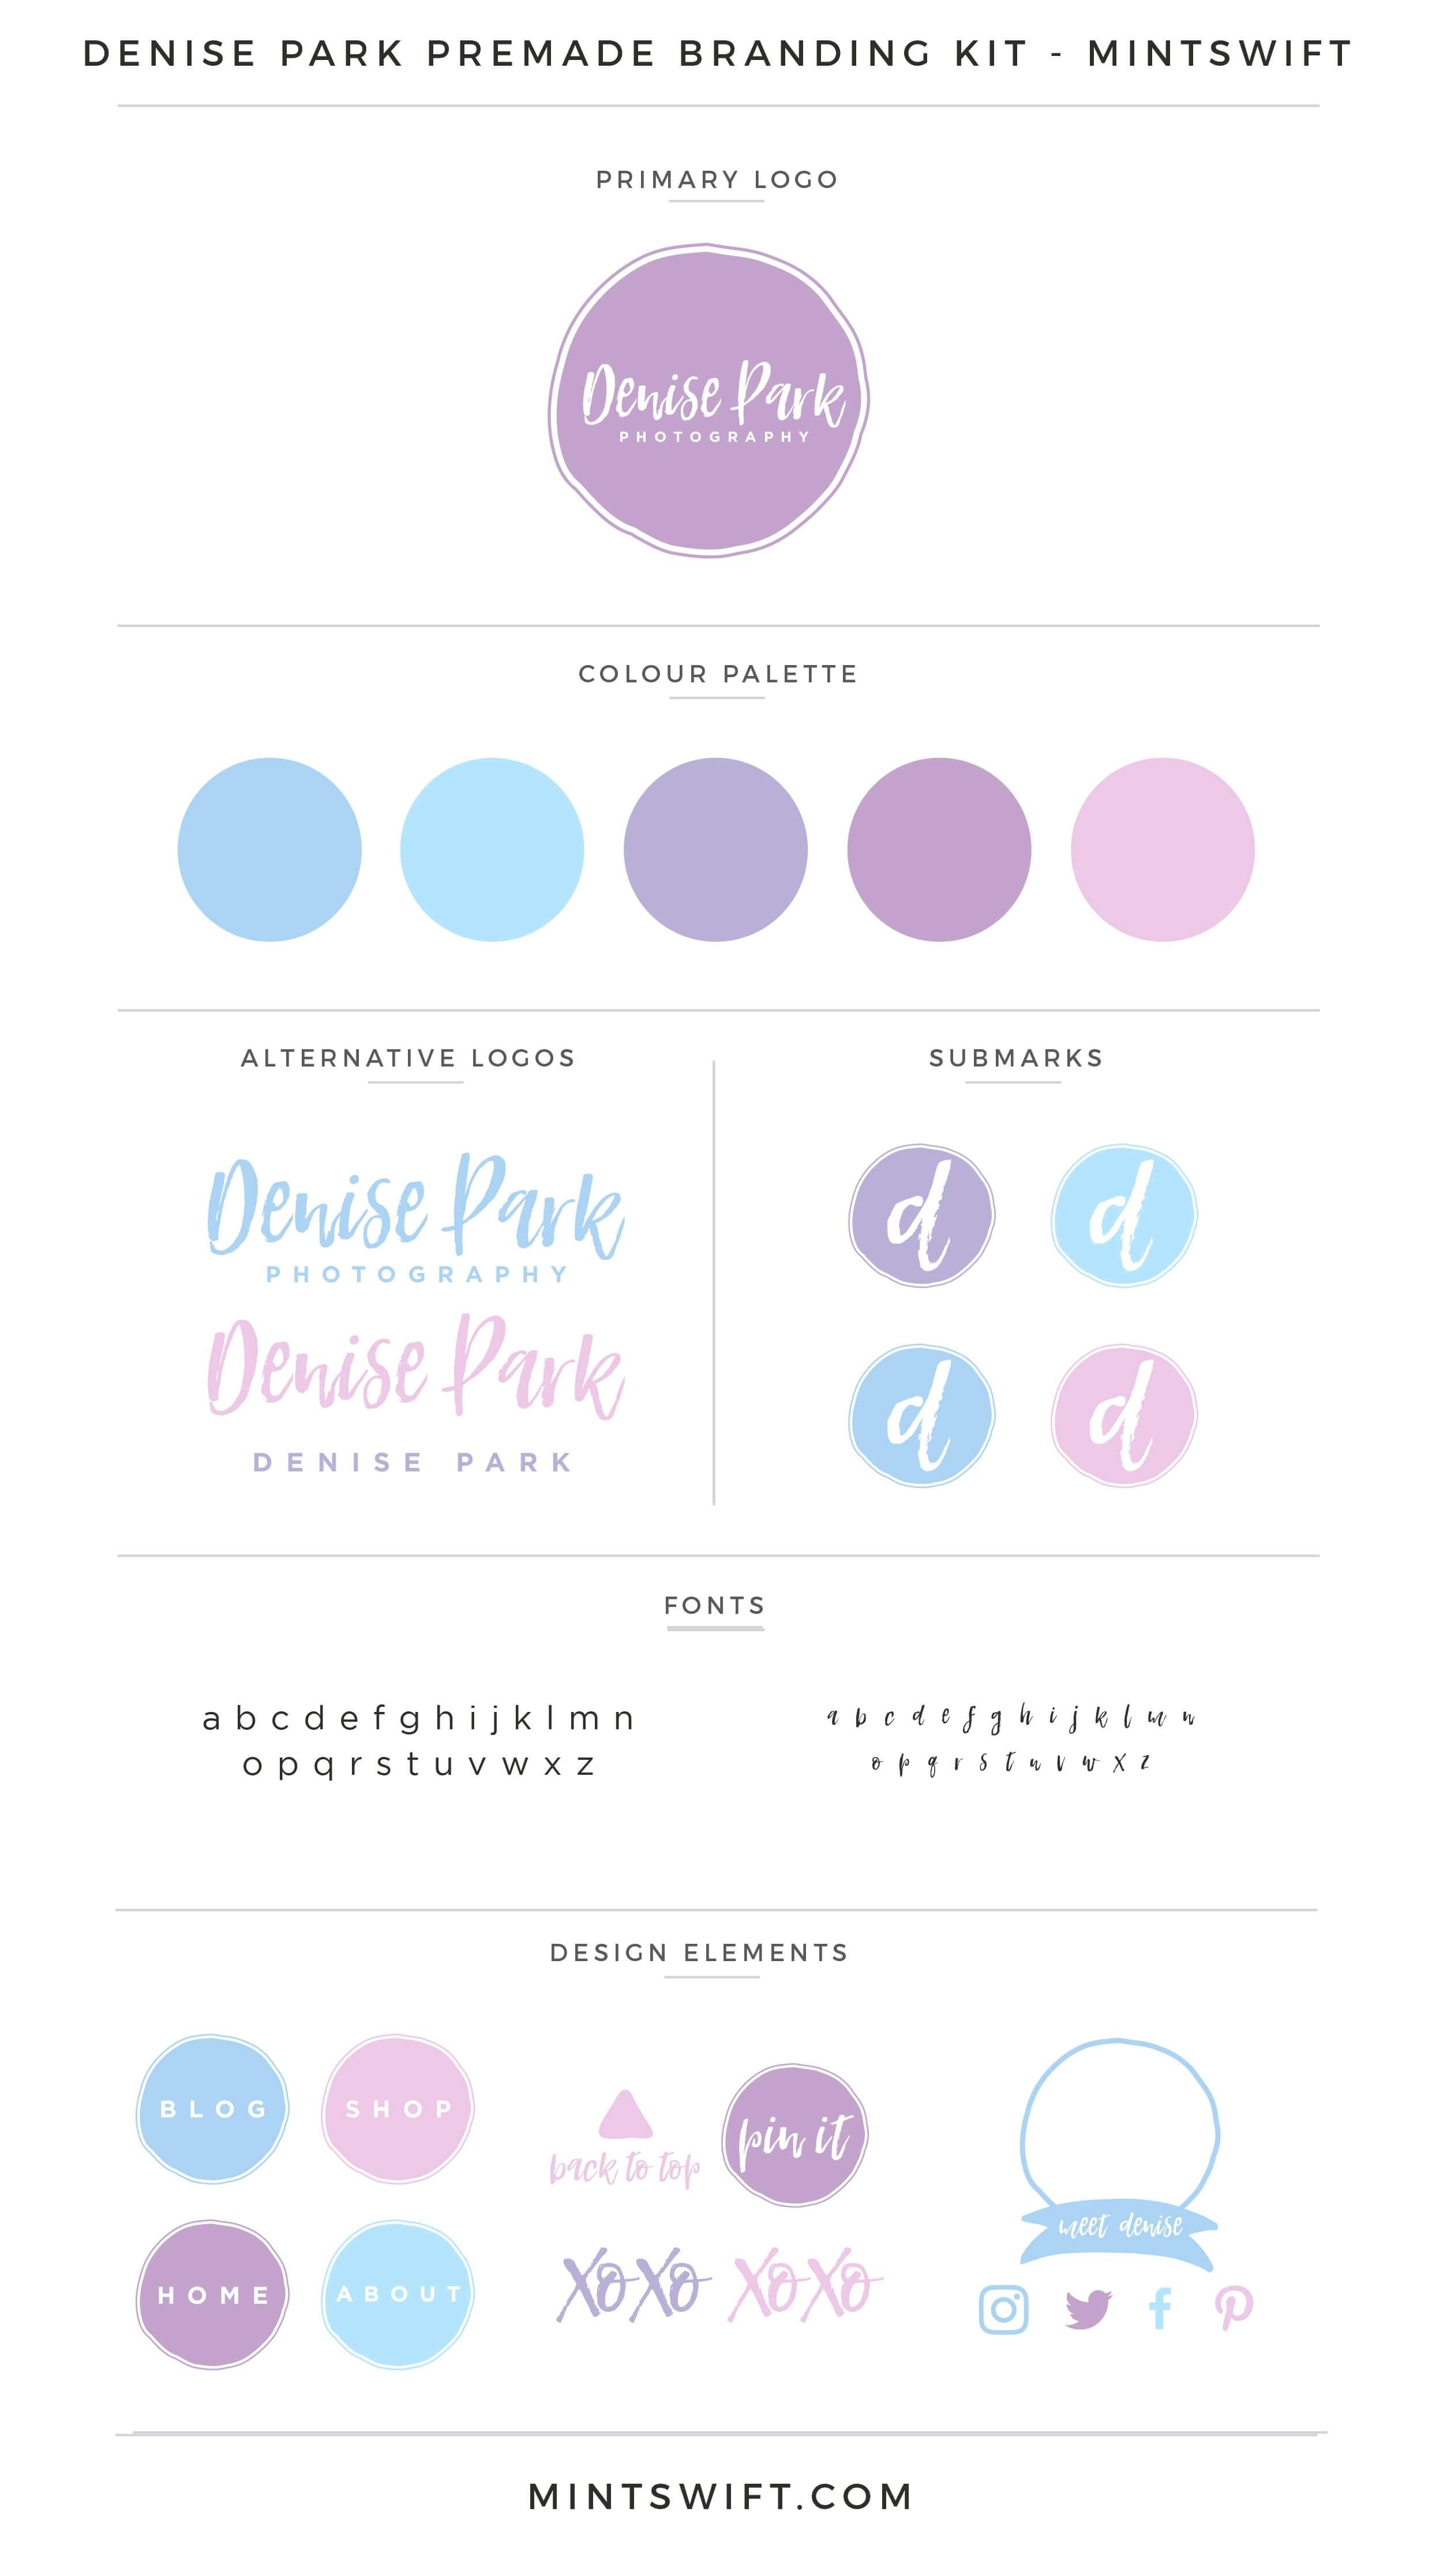 Denise Park Premade Branding Kit | Branding Kit | Premade logo | Pre-made logo | Pre-made branding kit | Premade Brand Design| Branding | Brand Design | Website Design Kit | Blog Design Kit | Blog kit | Website kit | Website elements | Blog elements | Design elements | Branding kits shop | MintSwift Shop | Premade logo design | Add-On | Logo Design | MintSwift| Adrianna Glowacka | MintSwift Design